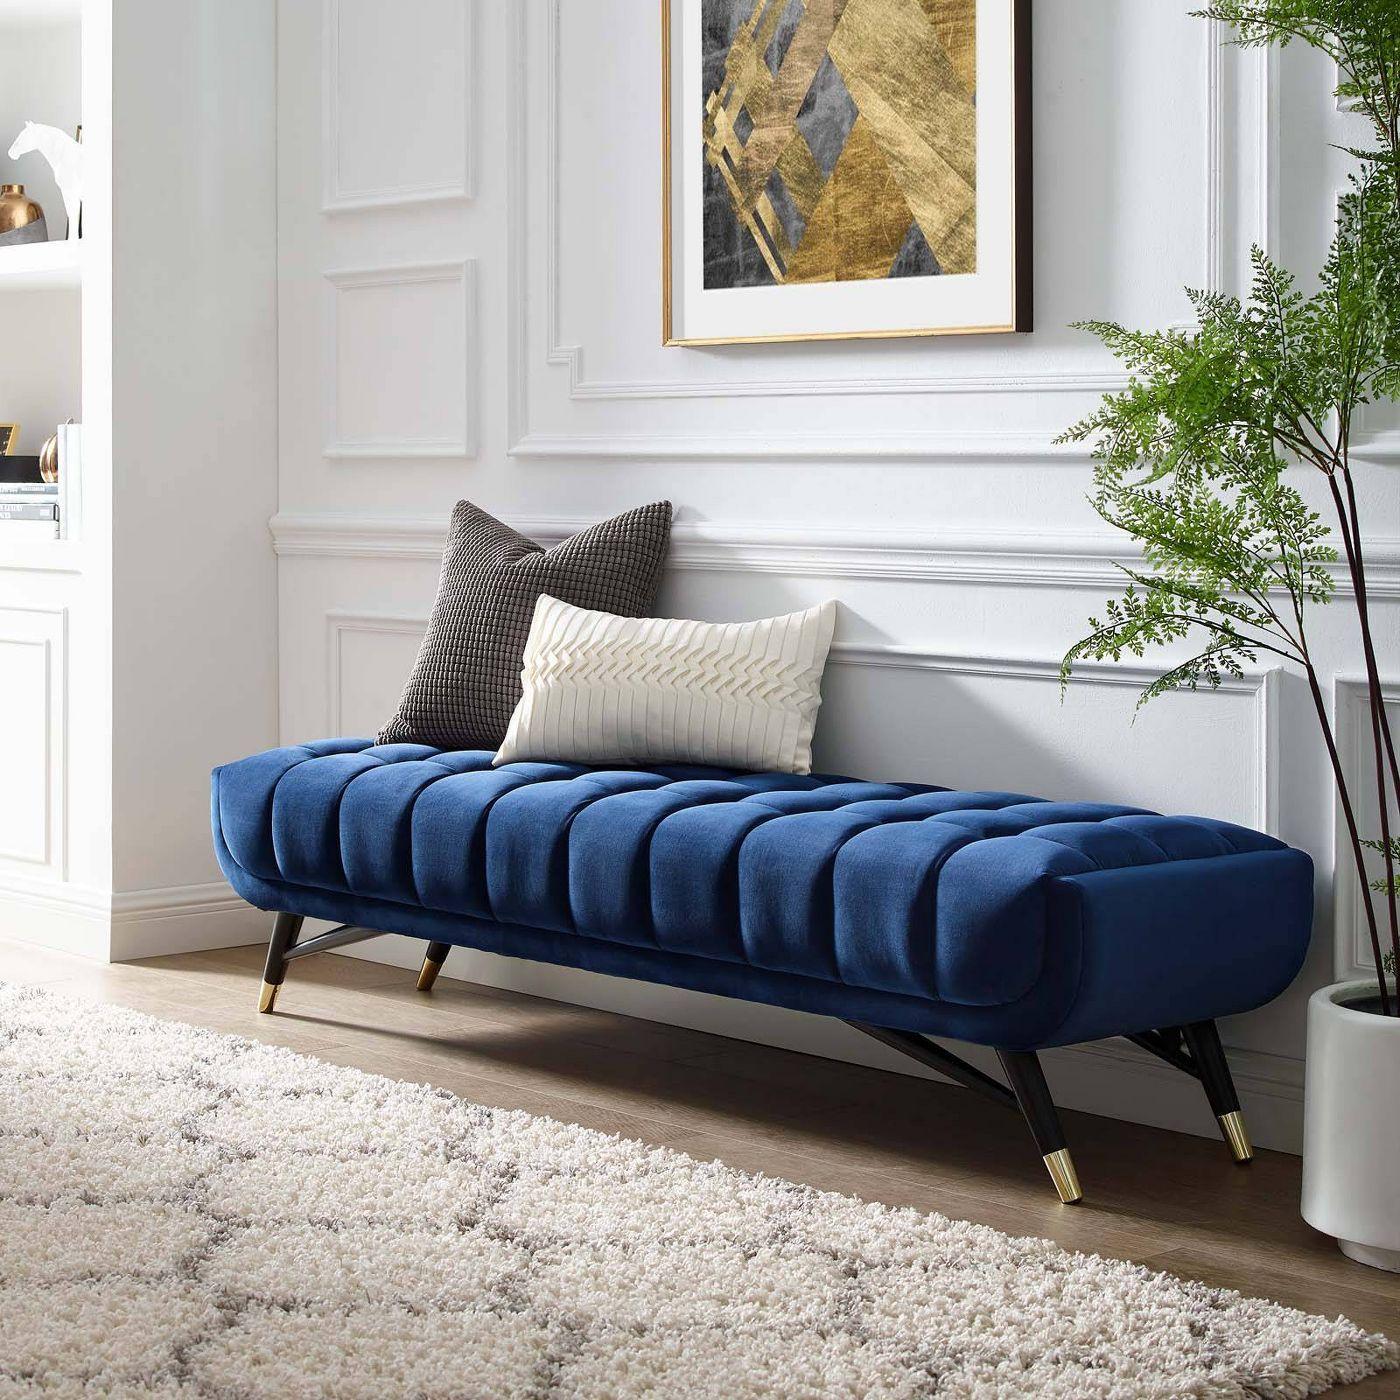 Adept Upholstered Velvet Bench Modway Upholstered Bench Velvet Bench Living Room Bench #upholstered #bench #for #living #room